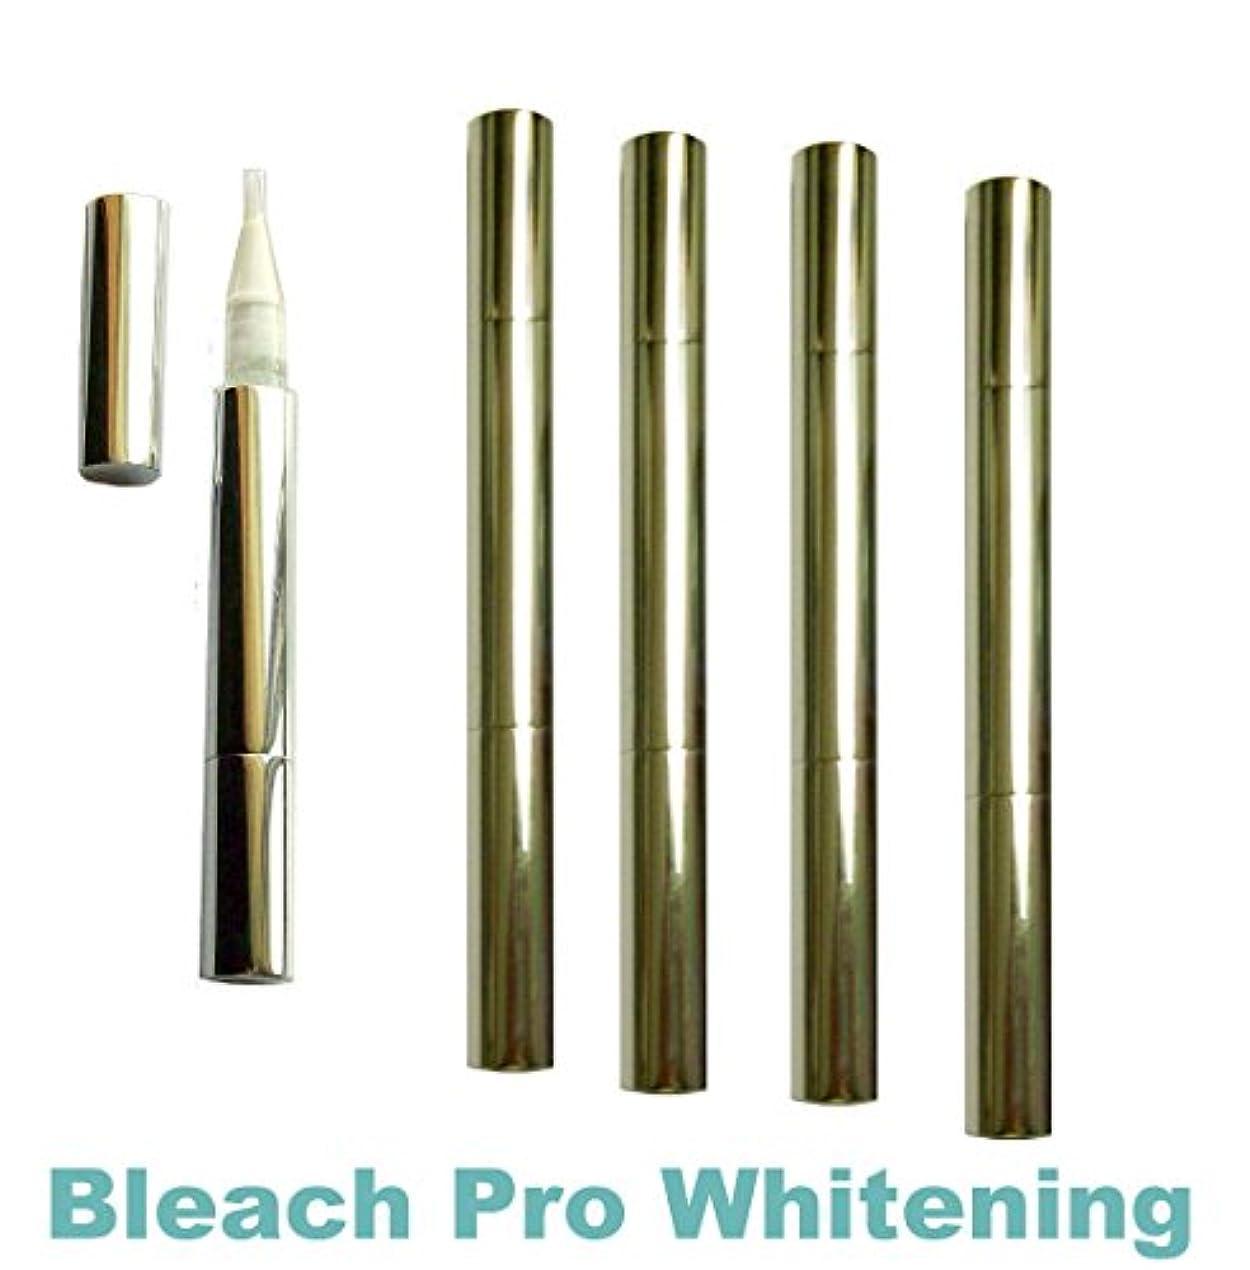 模索コテージ発症Teeth Whitening Gel Pens 35% Carbamide Peroxide Tooth Bleaching Formula Pen with Brush Tip Gel Dispenser. 5 Whitening...